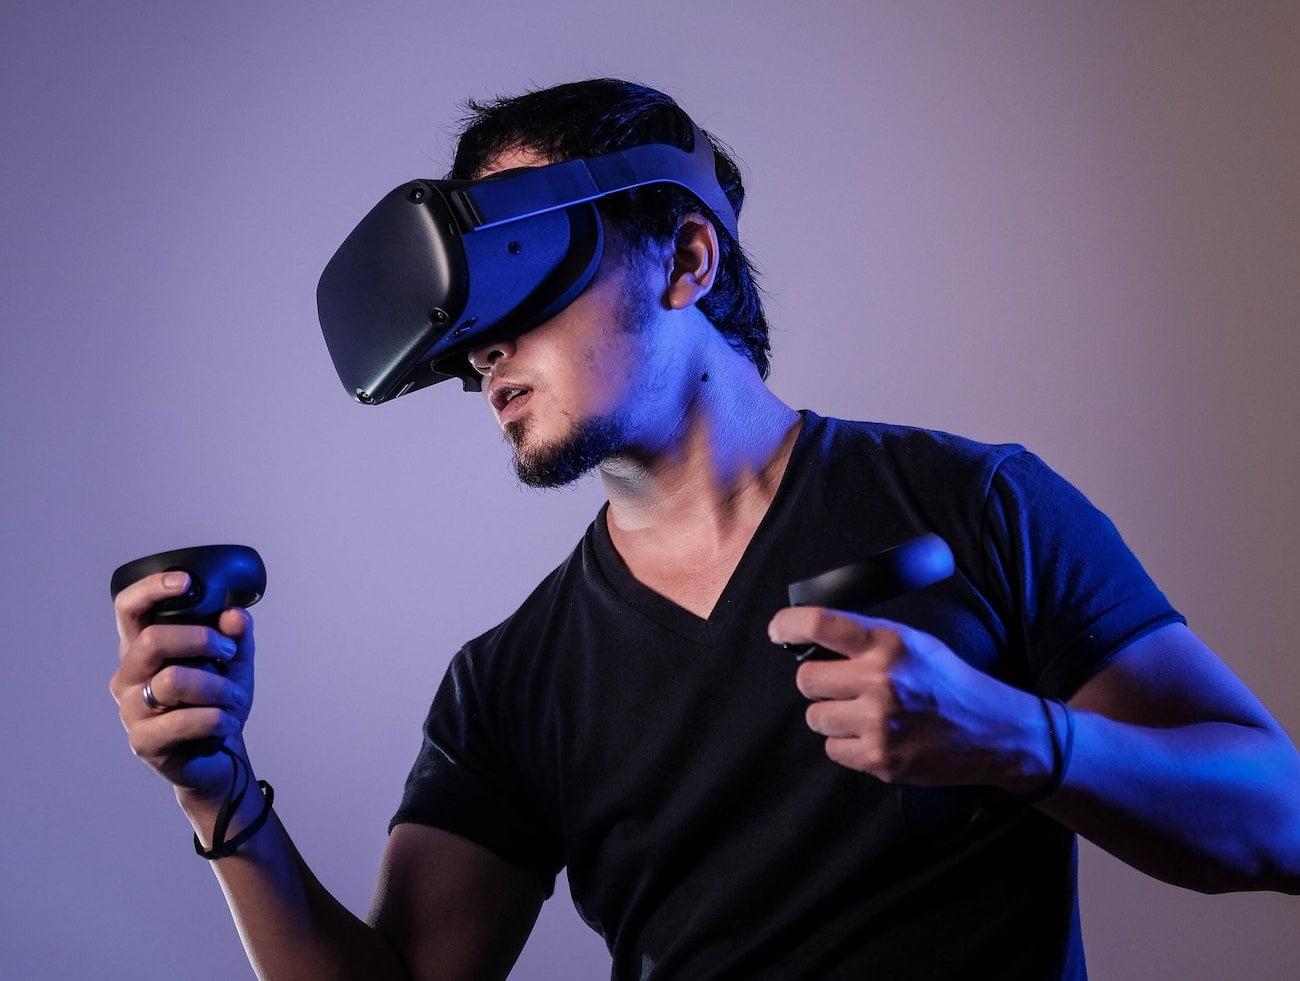 sanal gerçeklik artırılmış gerçeklik